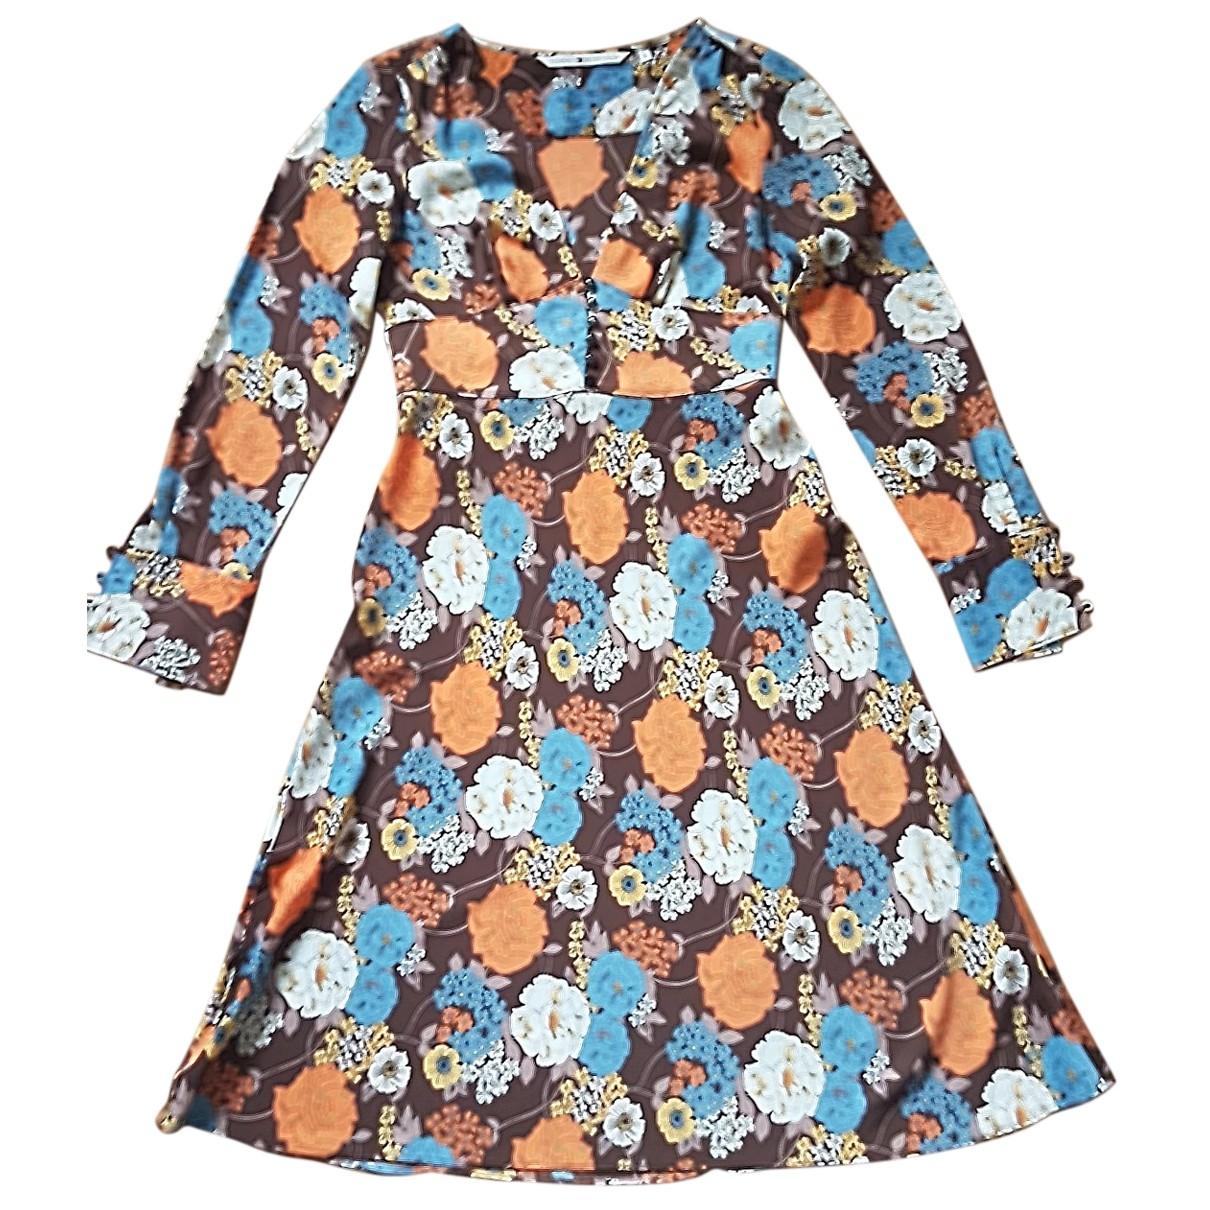 Tommy Hilfiger \N Kleid in  Braun Polyester